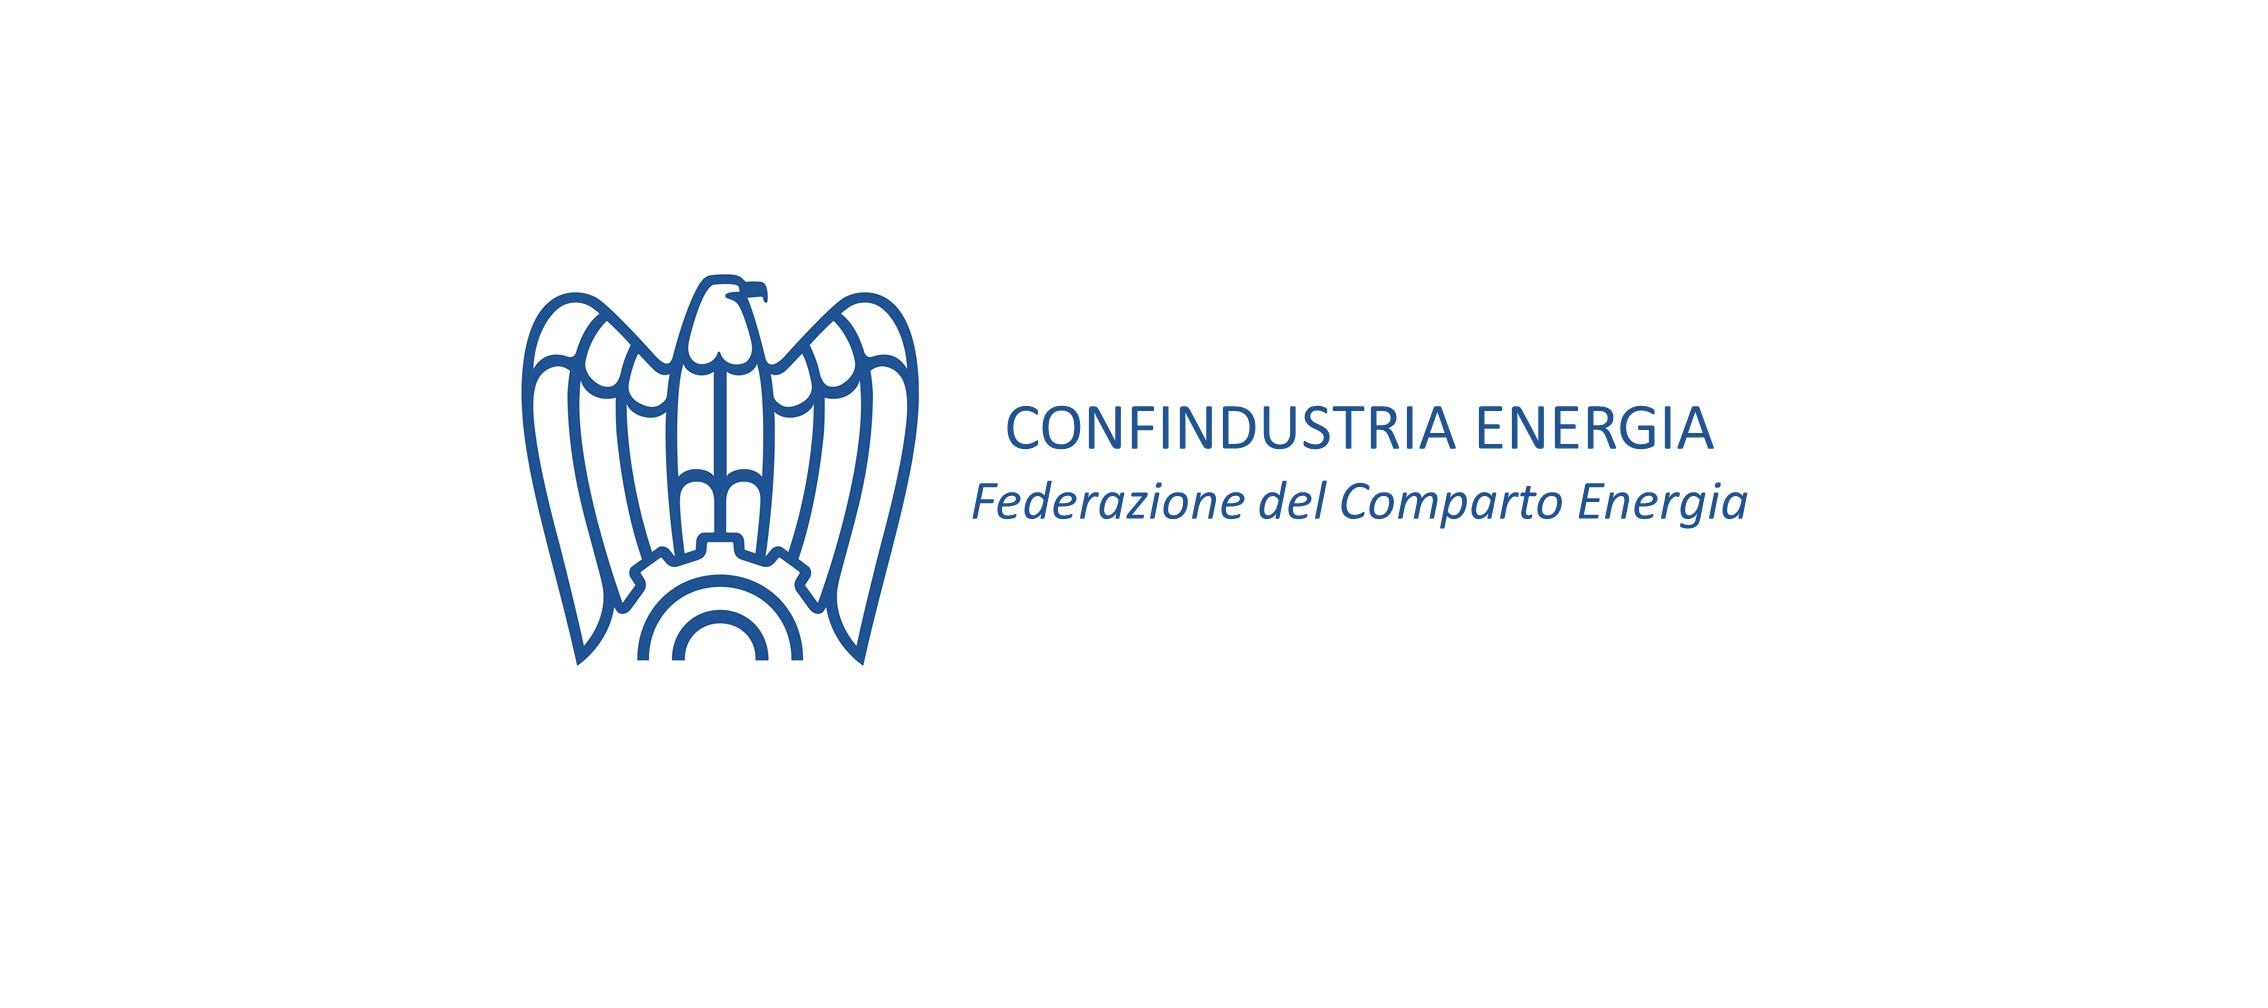 Deleghe ai Vicepresidenti di Confindustria Energia